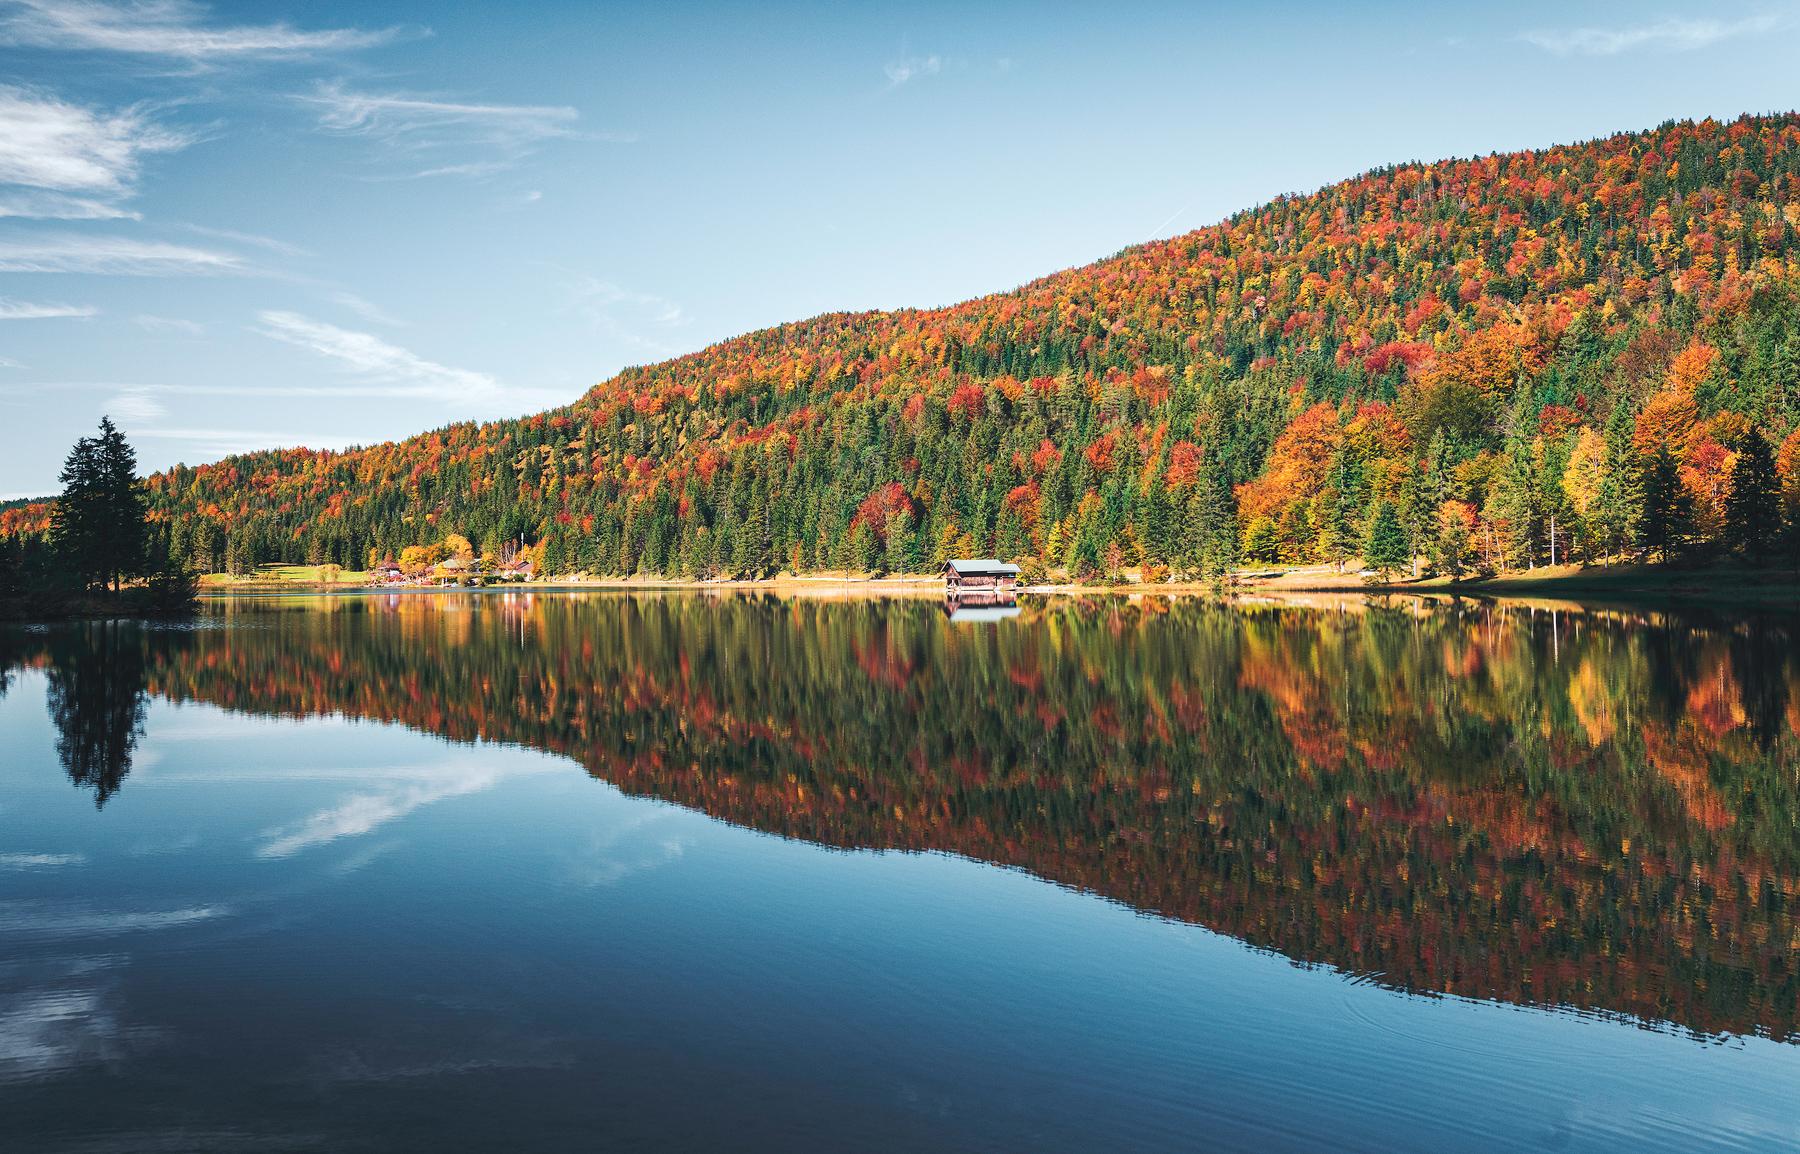 Spiegelungen im Herbst am Ferchensee, Mittenwald, Oberbayern, Deutschland